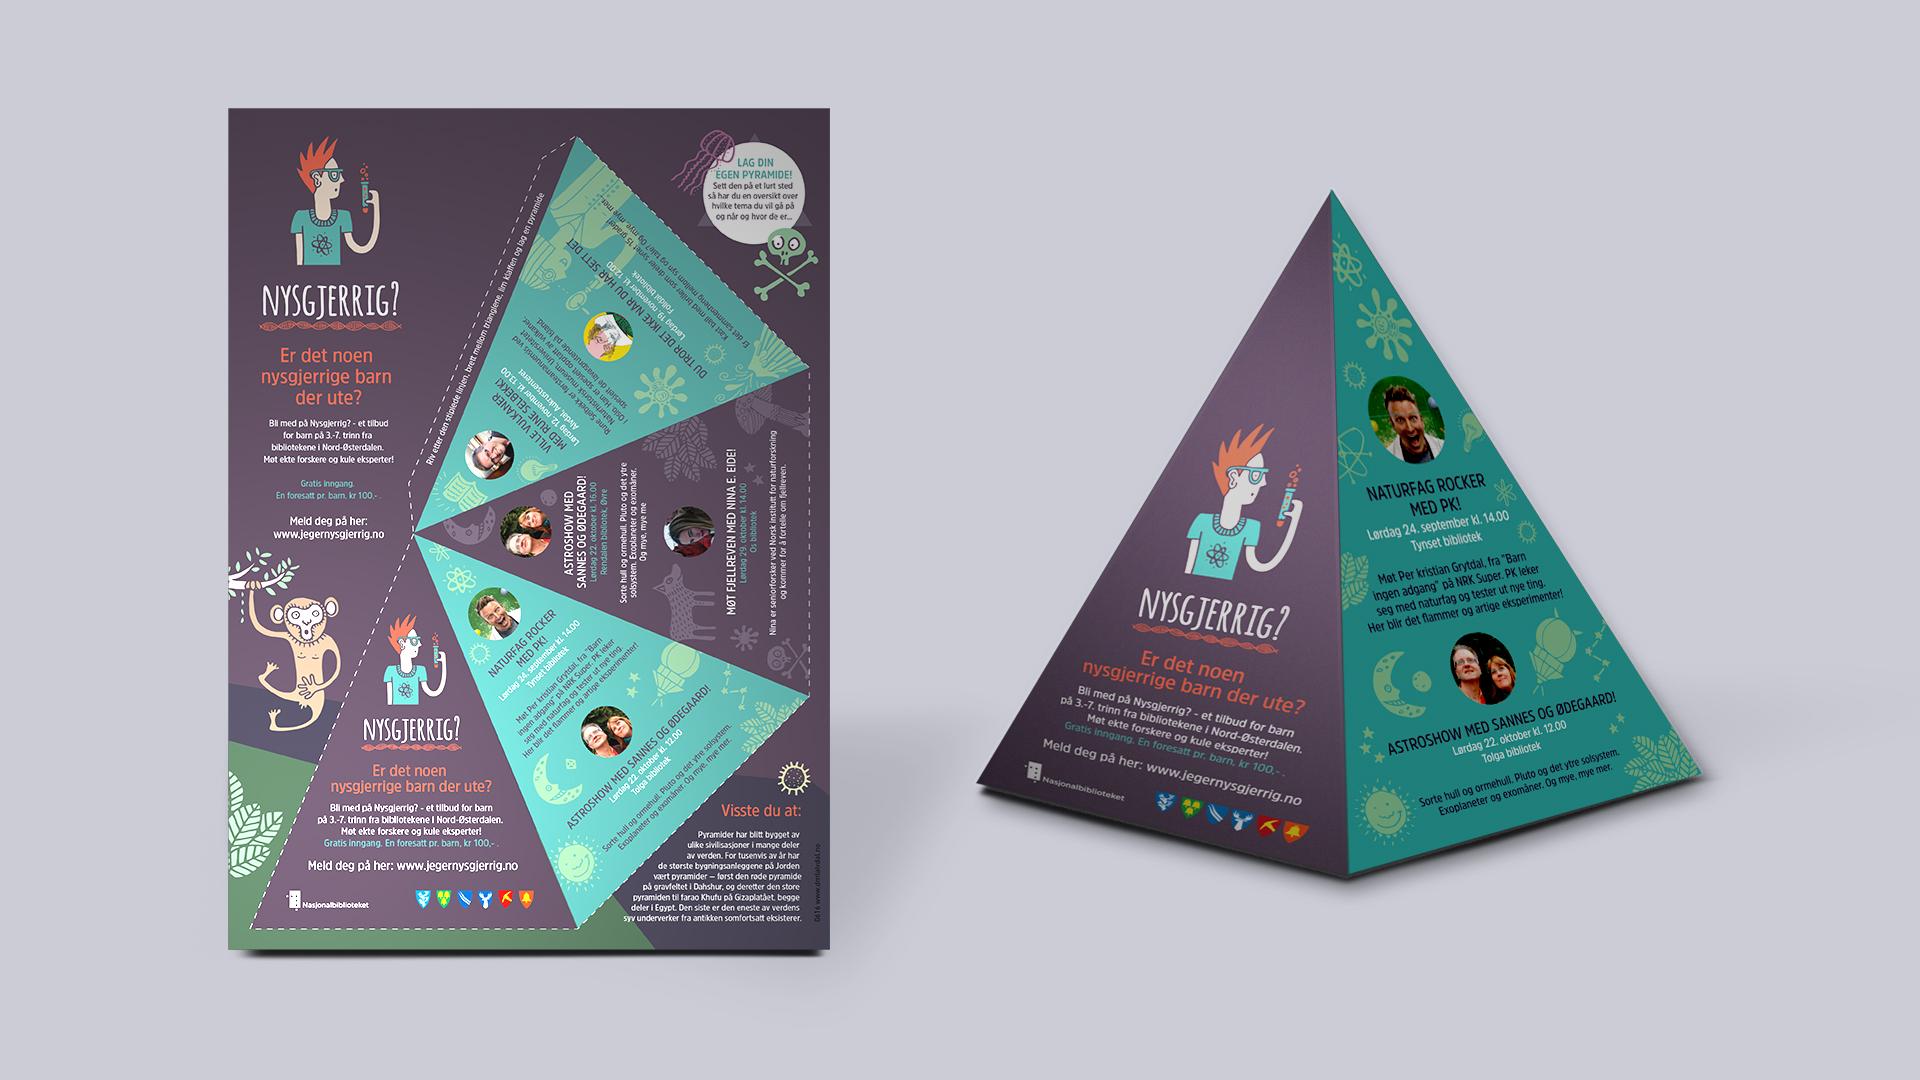 Pyramide og plakat for jegernysgjerrig.no, av Haus Byrå